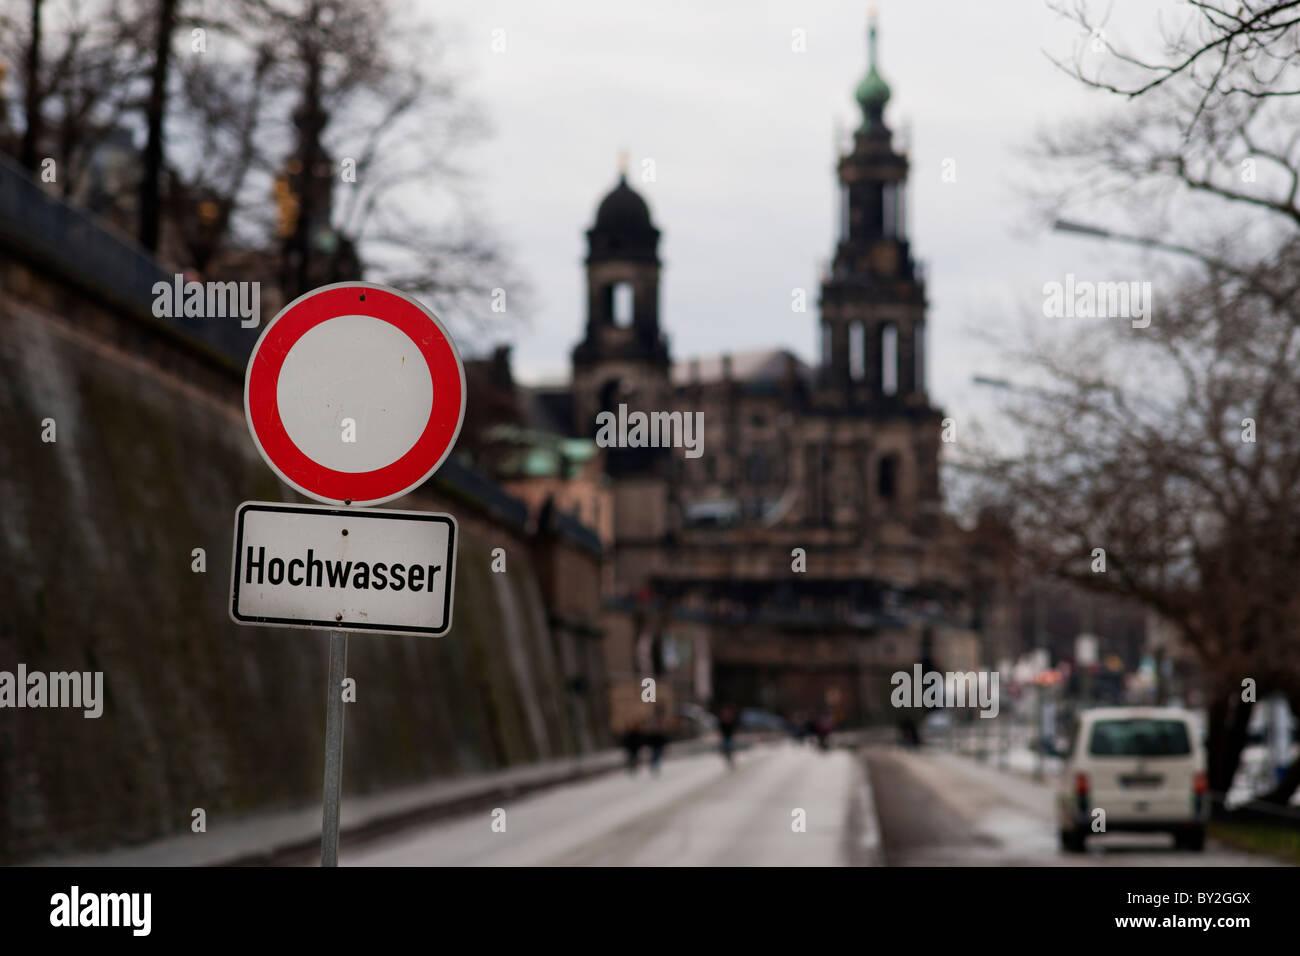 Wegen Hochwasser gesperrtes Terrassenufer in Dresden mit Brühlscher Terrasse im Hintergrund. - Stock Image